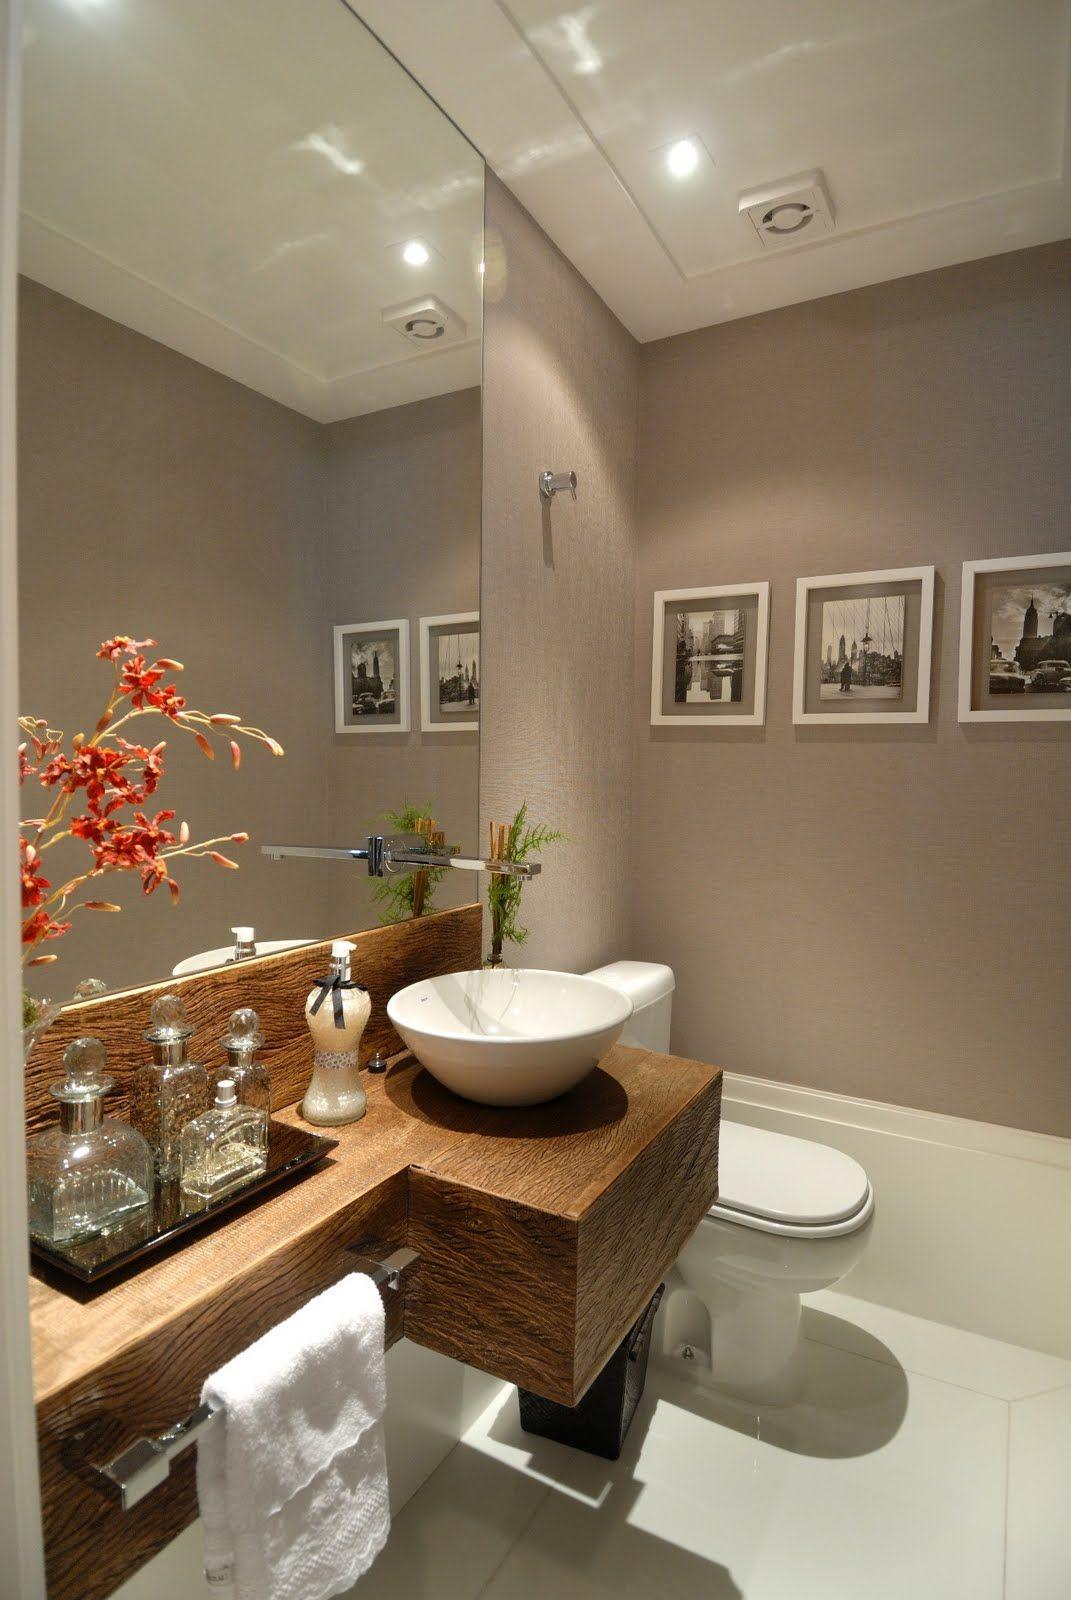 Badezimmer ideen keine badewanne casa cor  decoration  interior    pinterest  badezimmer